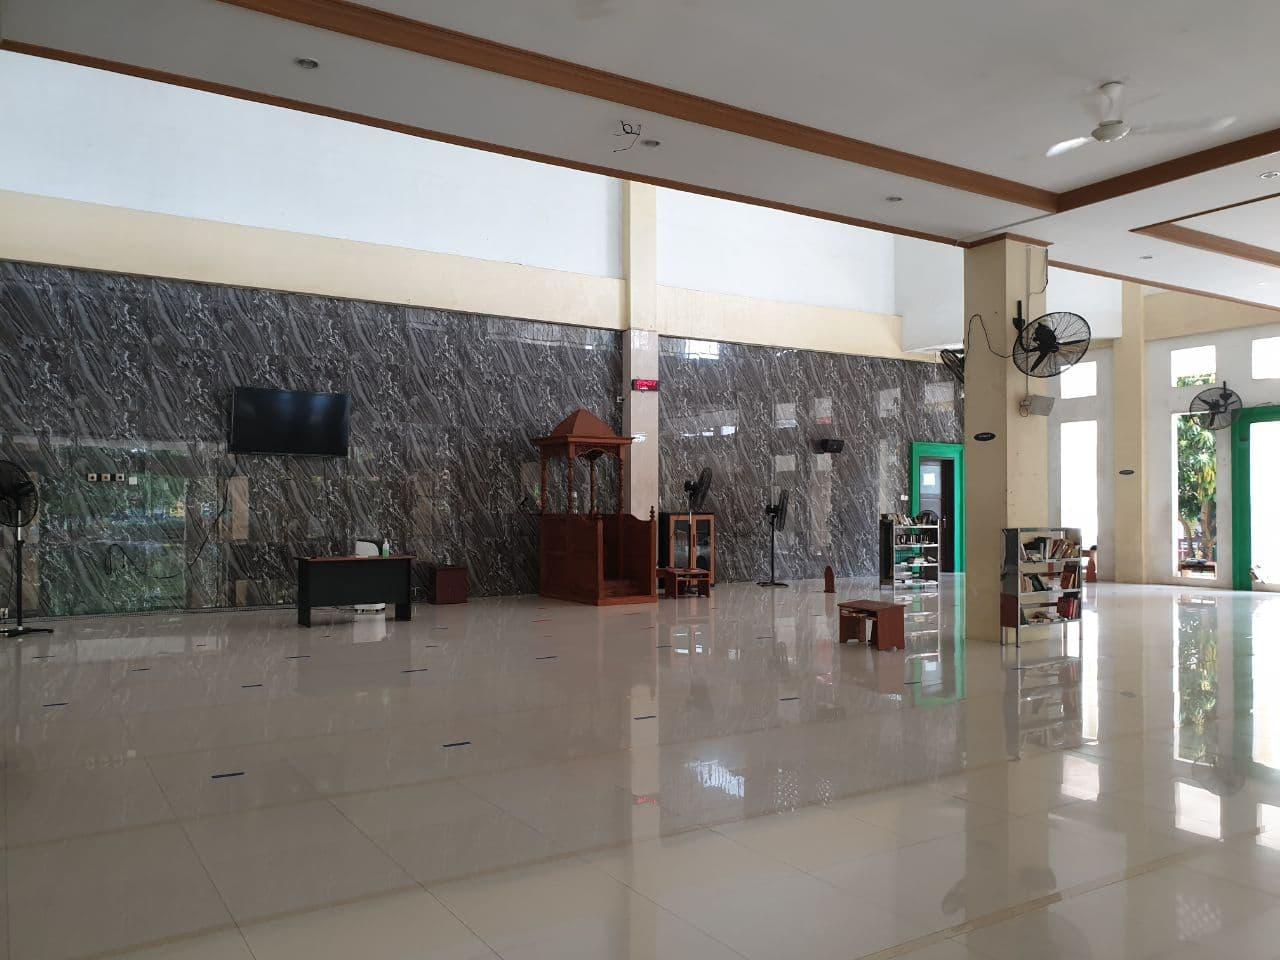 masjid_abu_bakar10